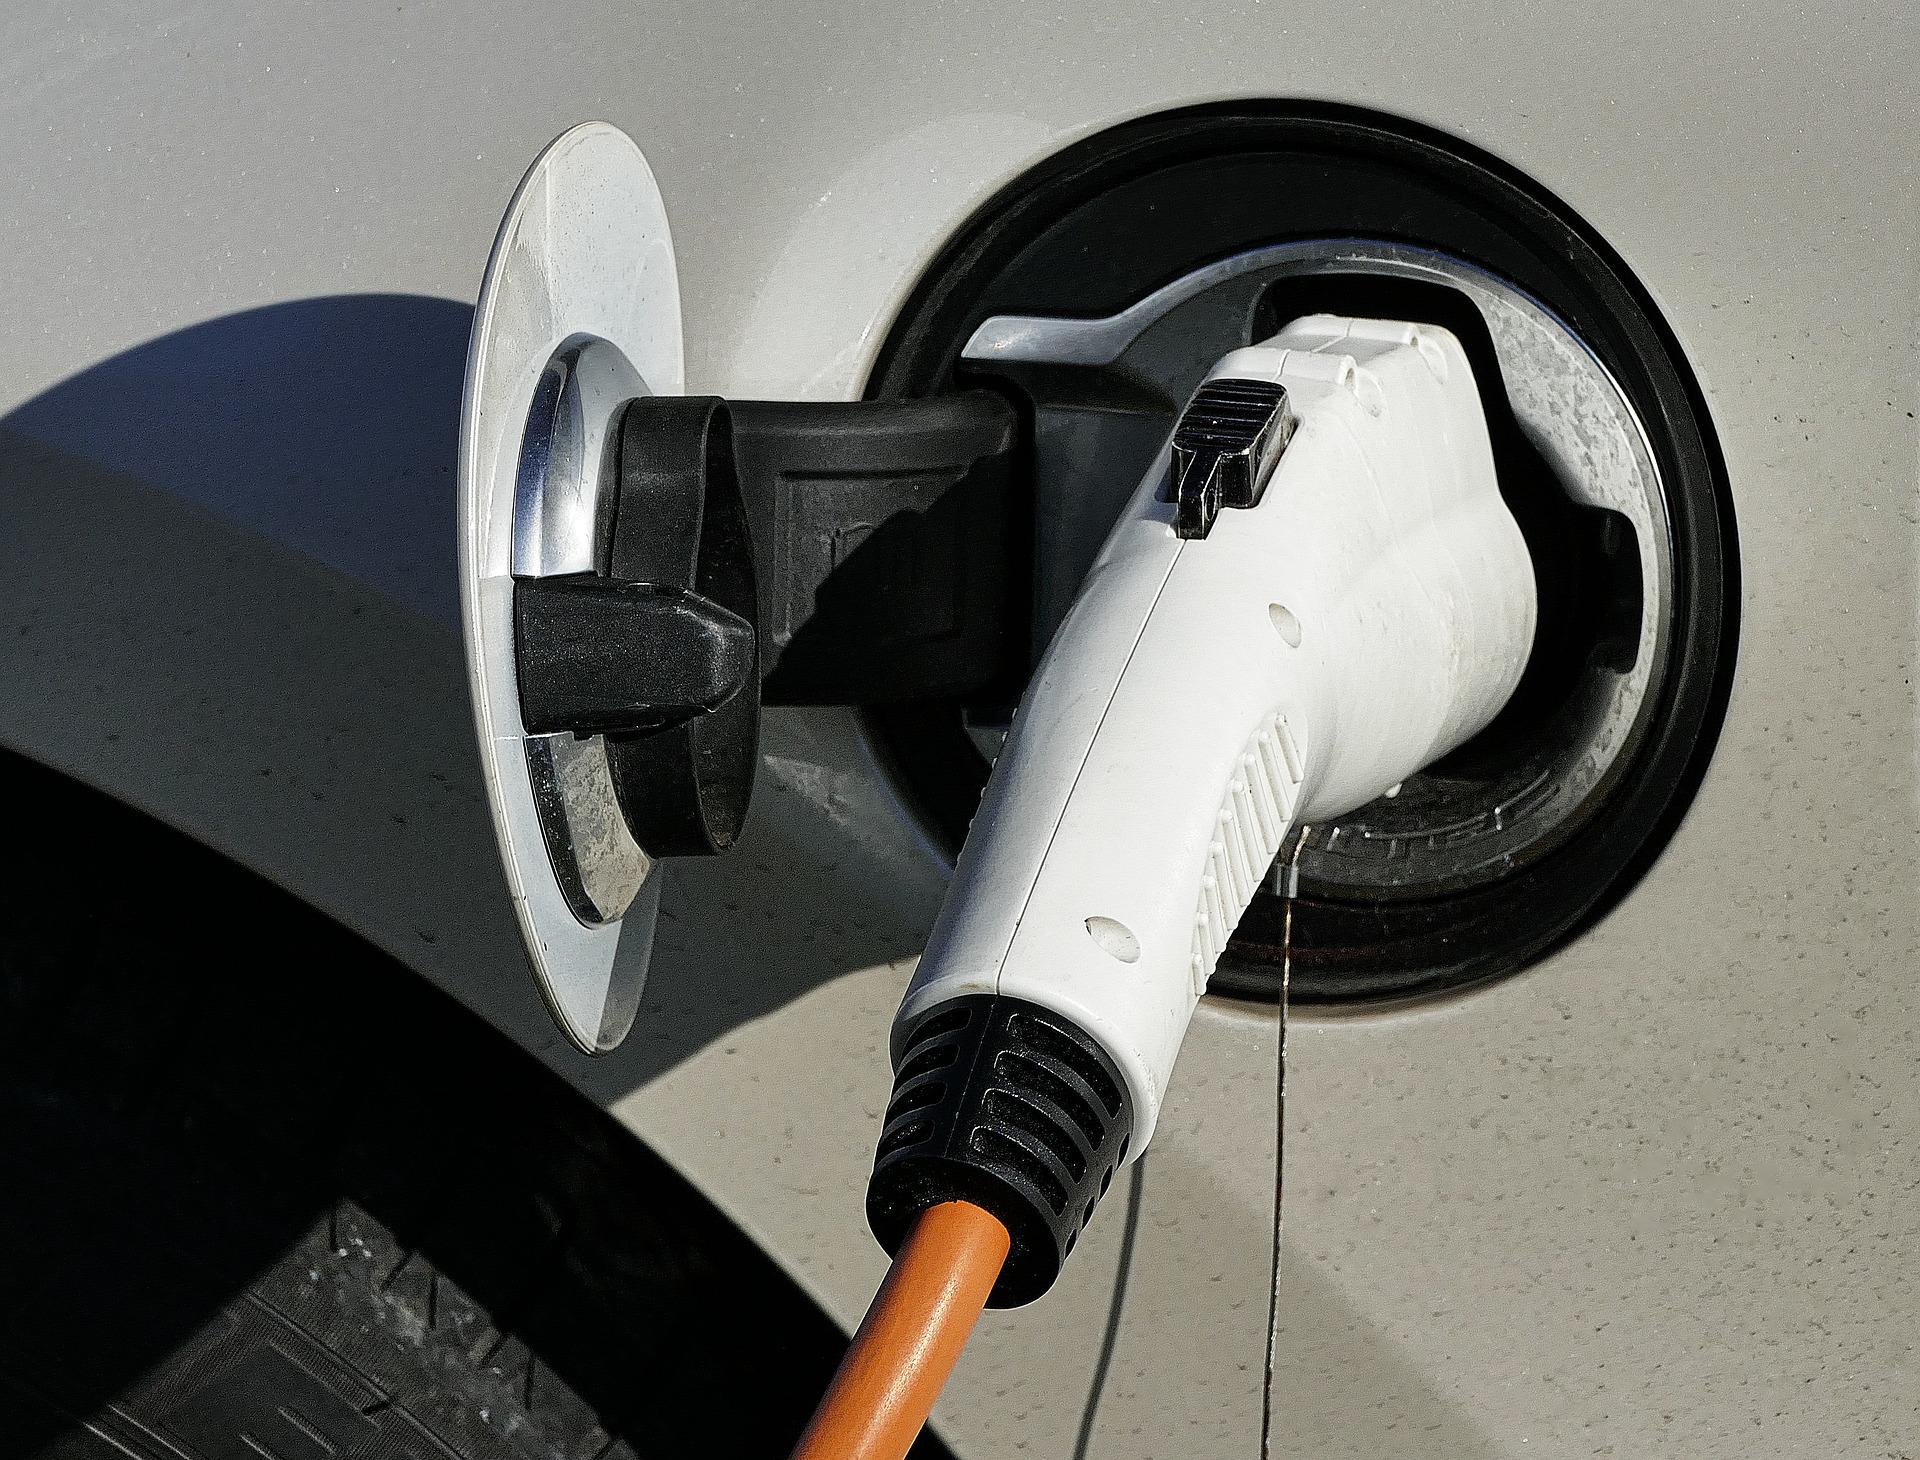 Auto elettriche, l'Italia tra i 7 paesi Ue deputati alla realizzazione di batterie di nuova generazione